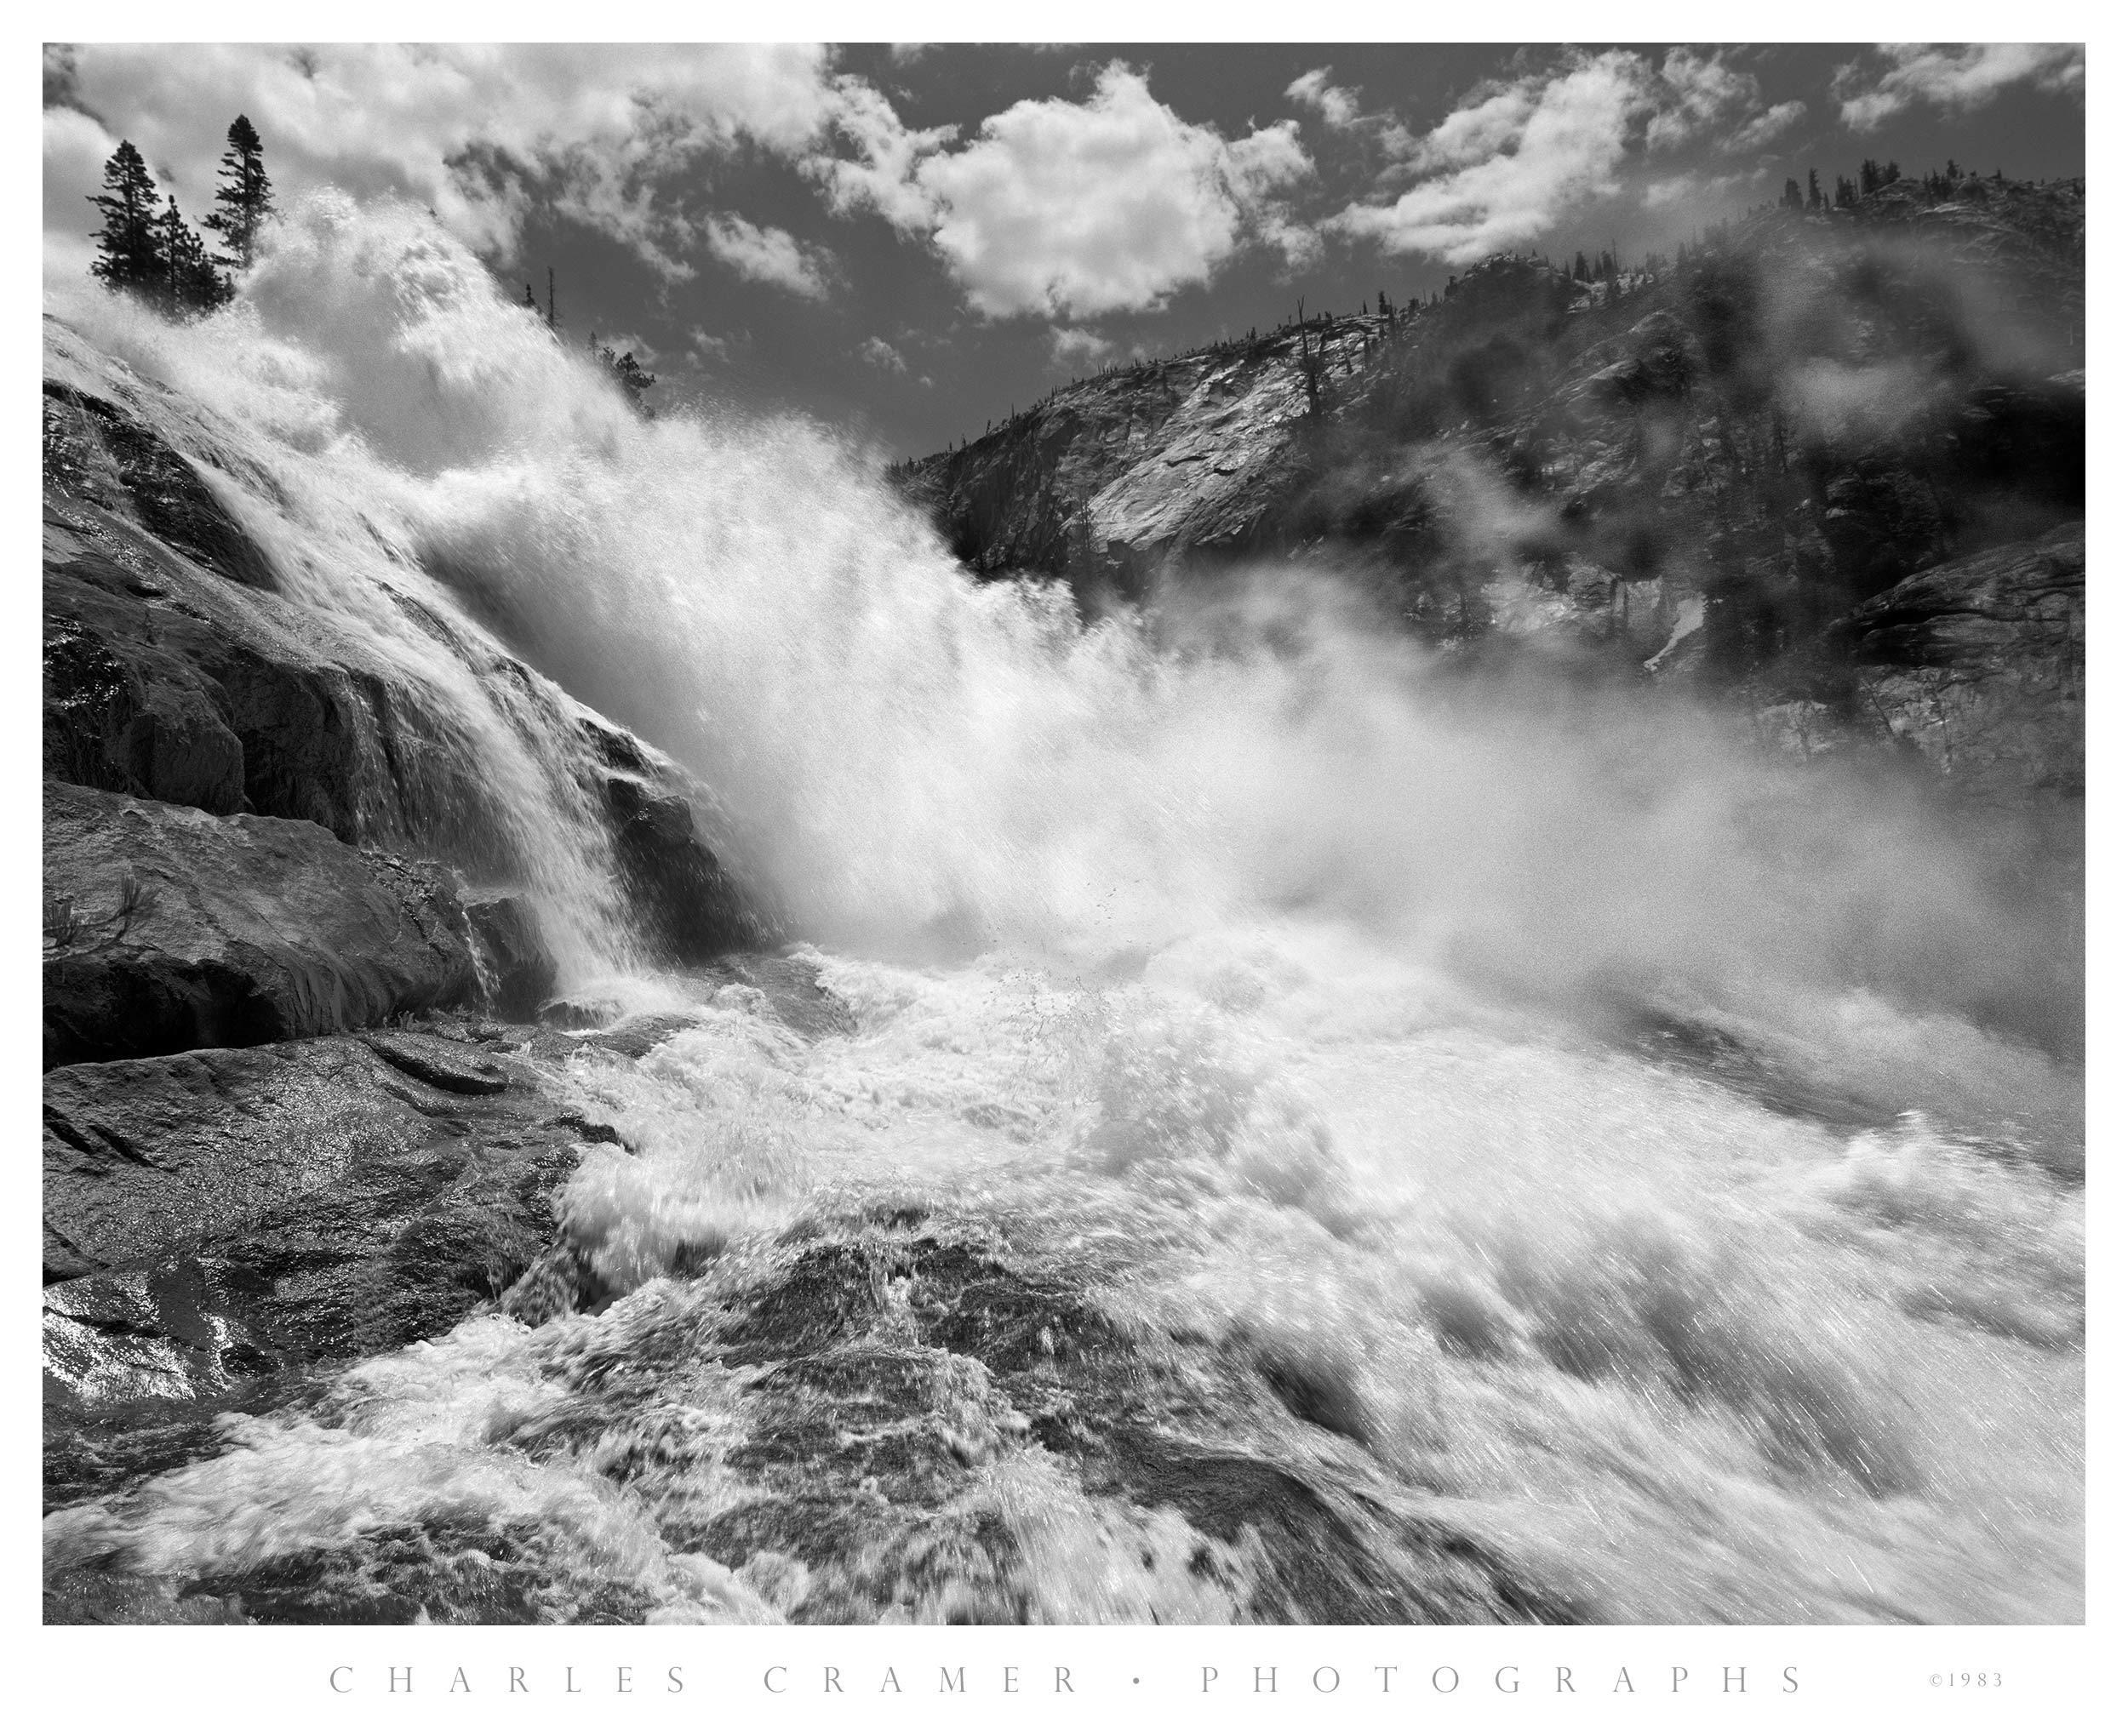 Le Conte Falls, Tuolumne River, Yosemite